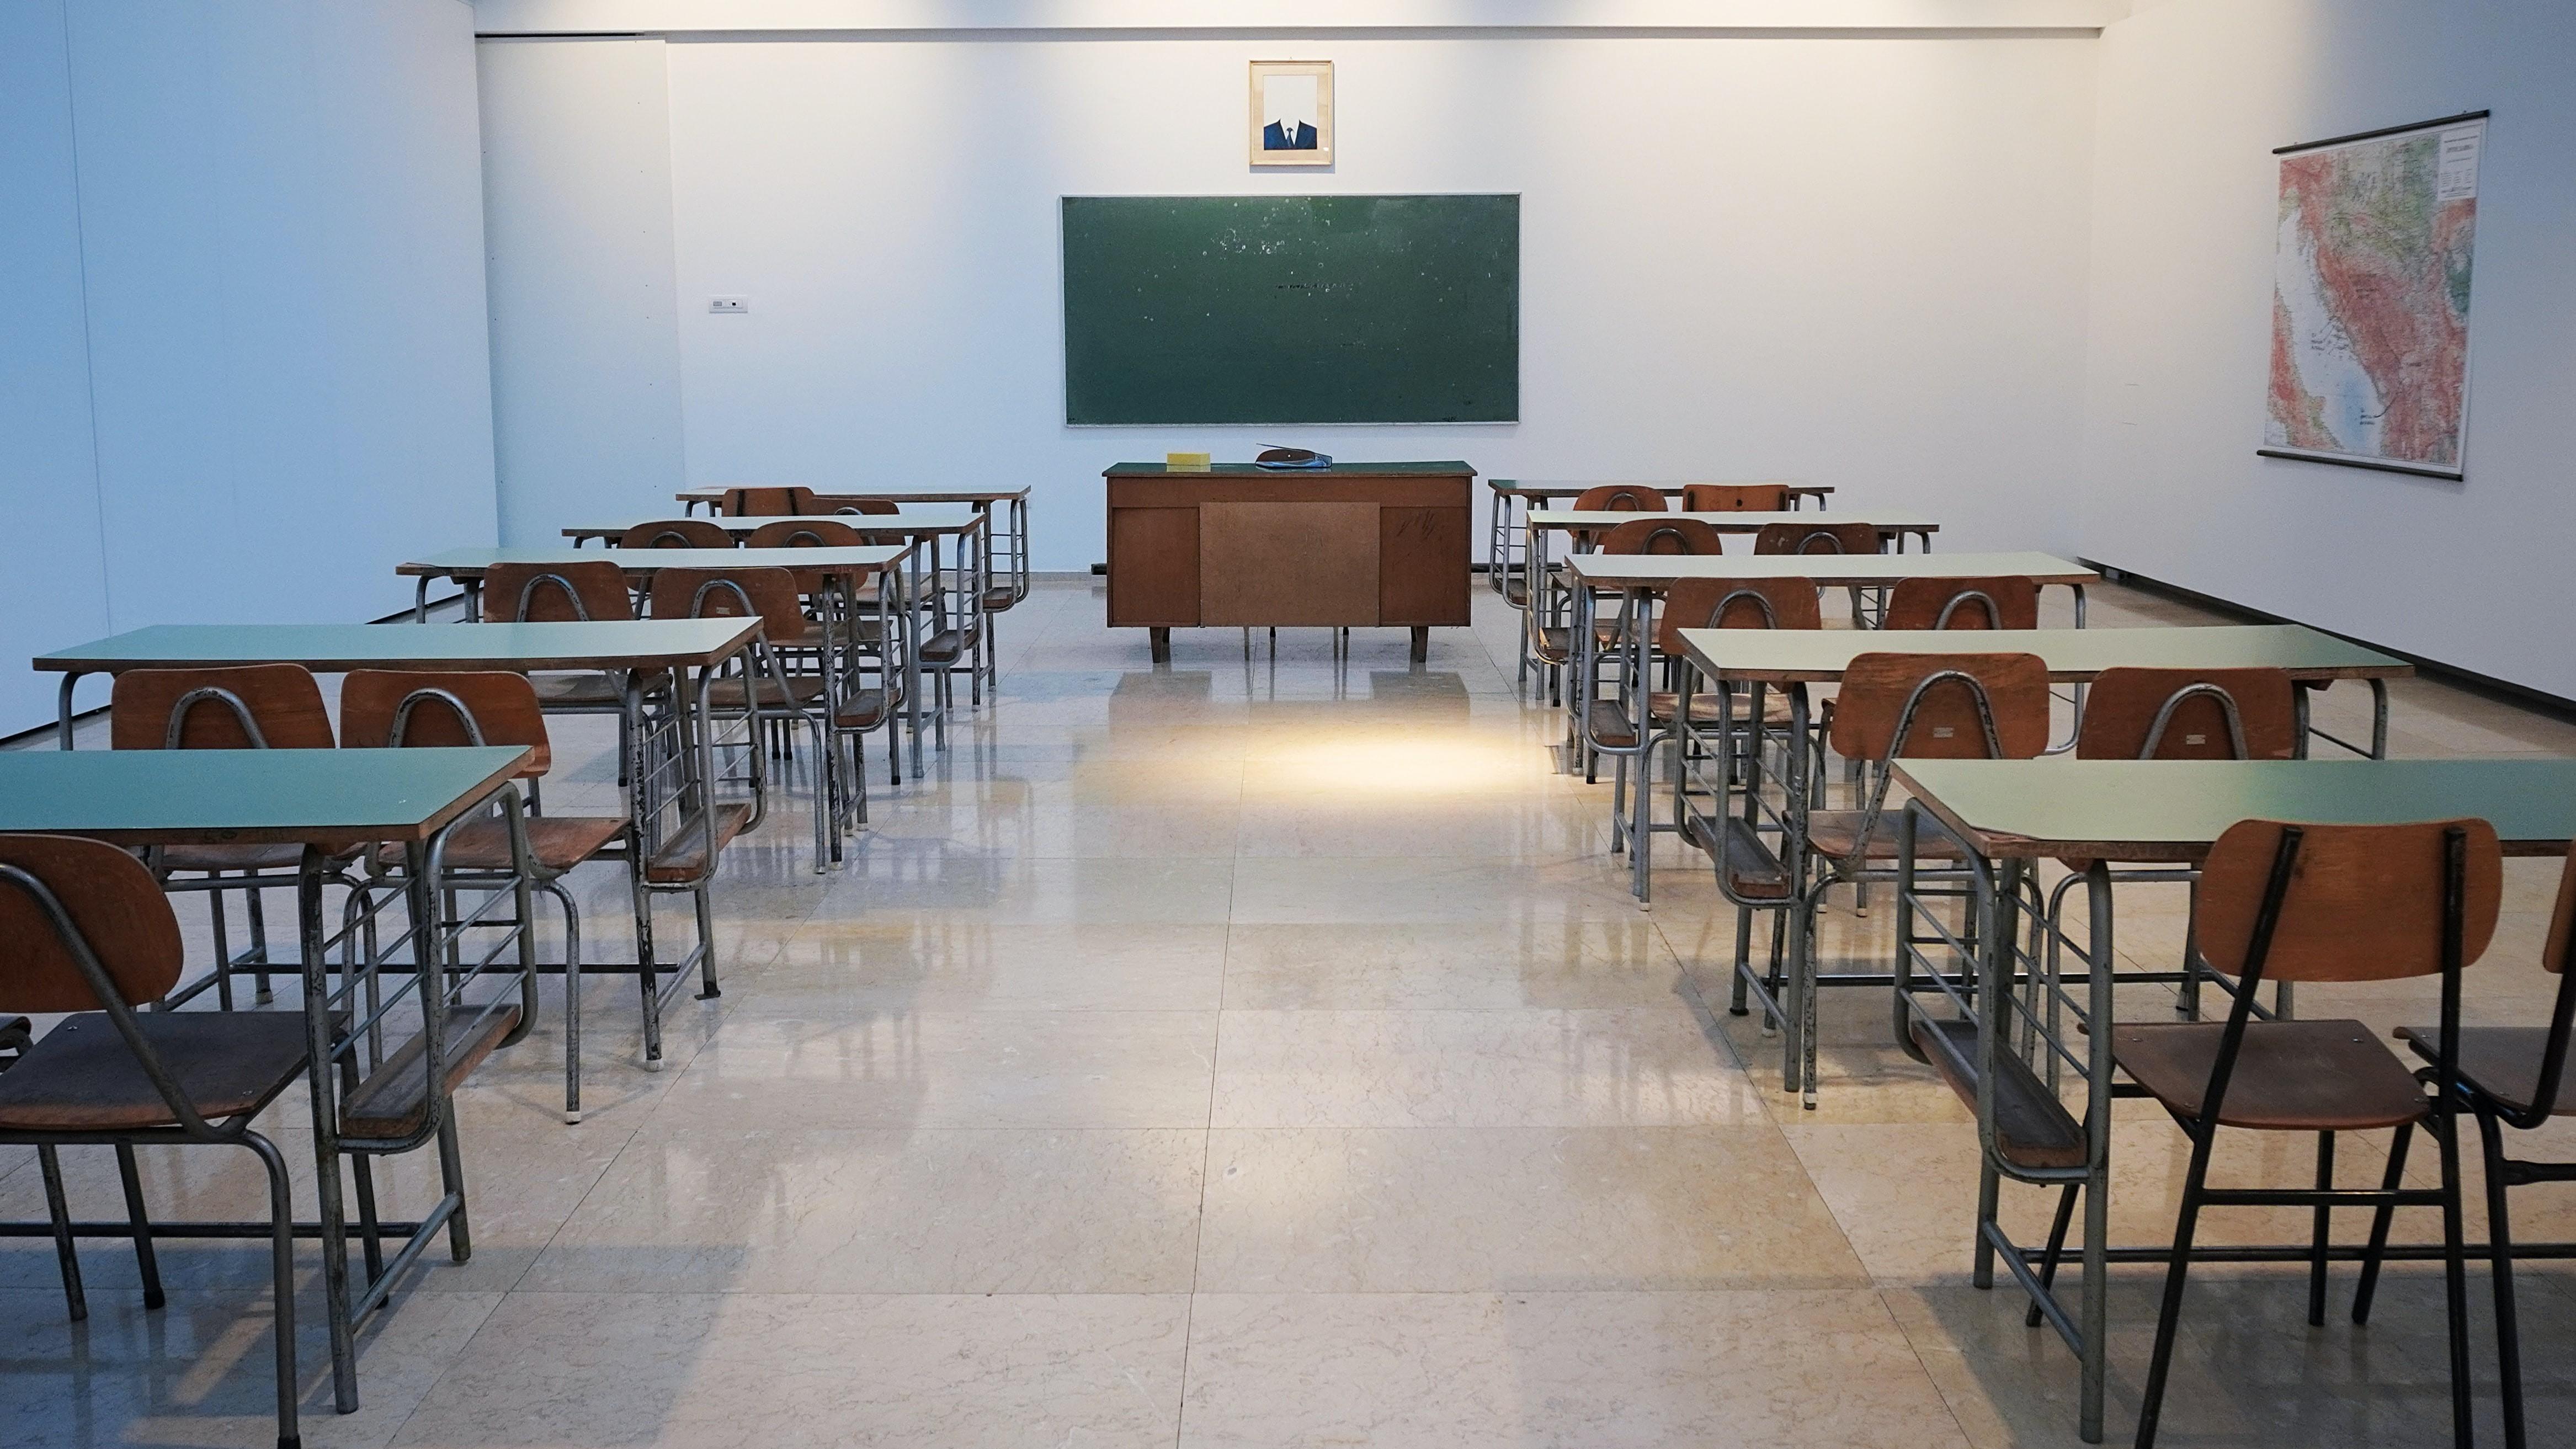 Escolas estaduais poderão ter custos de até R$ 5,3 bilhões com a pandemia